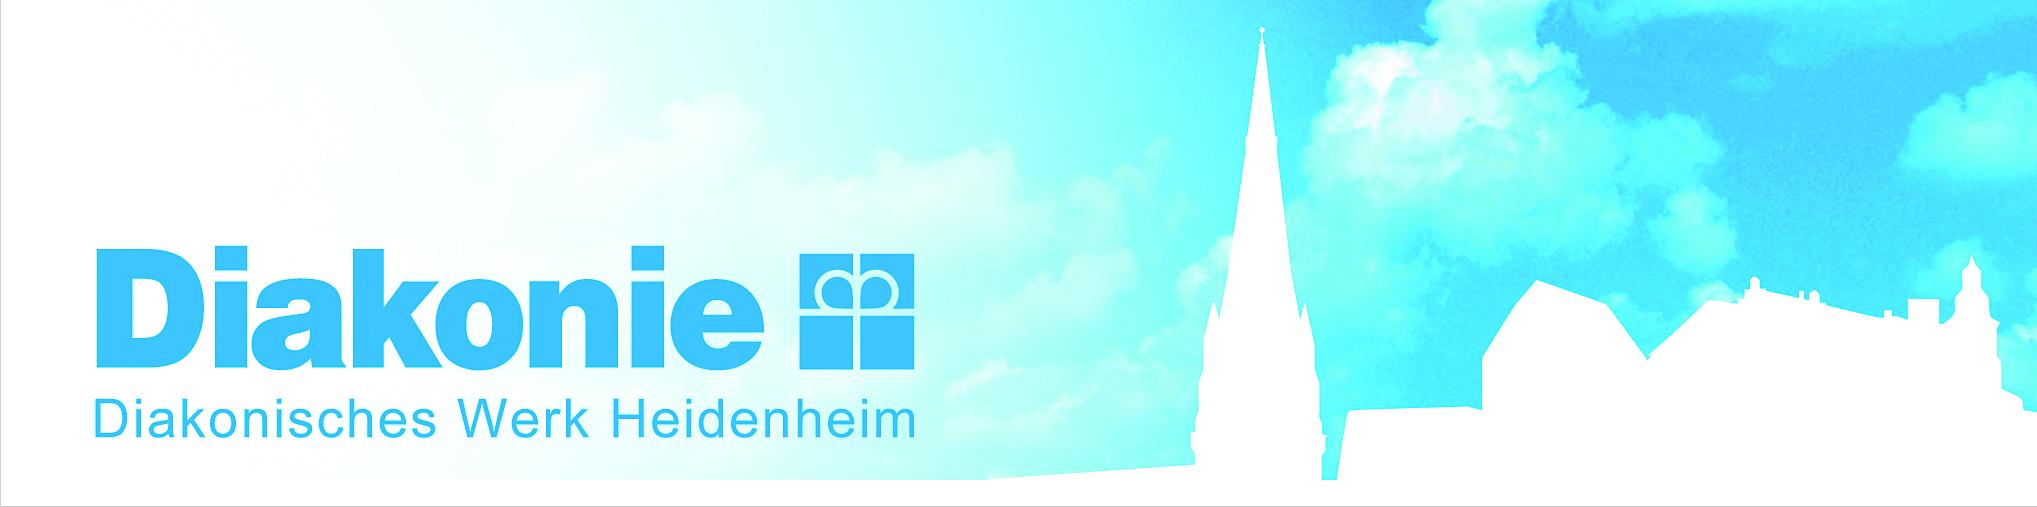 Logo: Diakonisches Werk des Evangelischen Kirchenbezirks Heidenheim